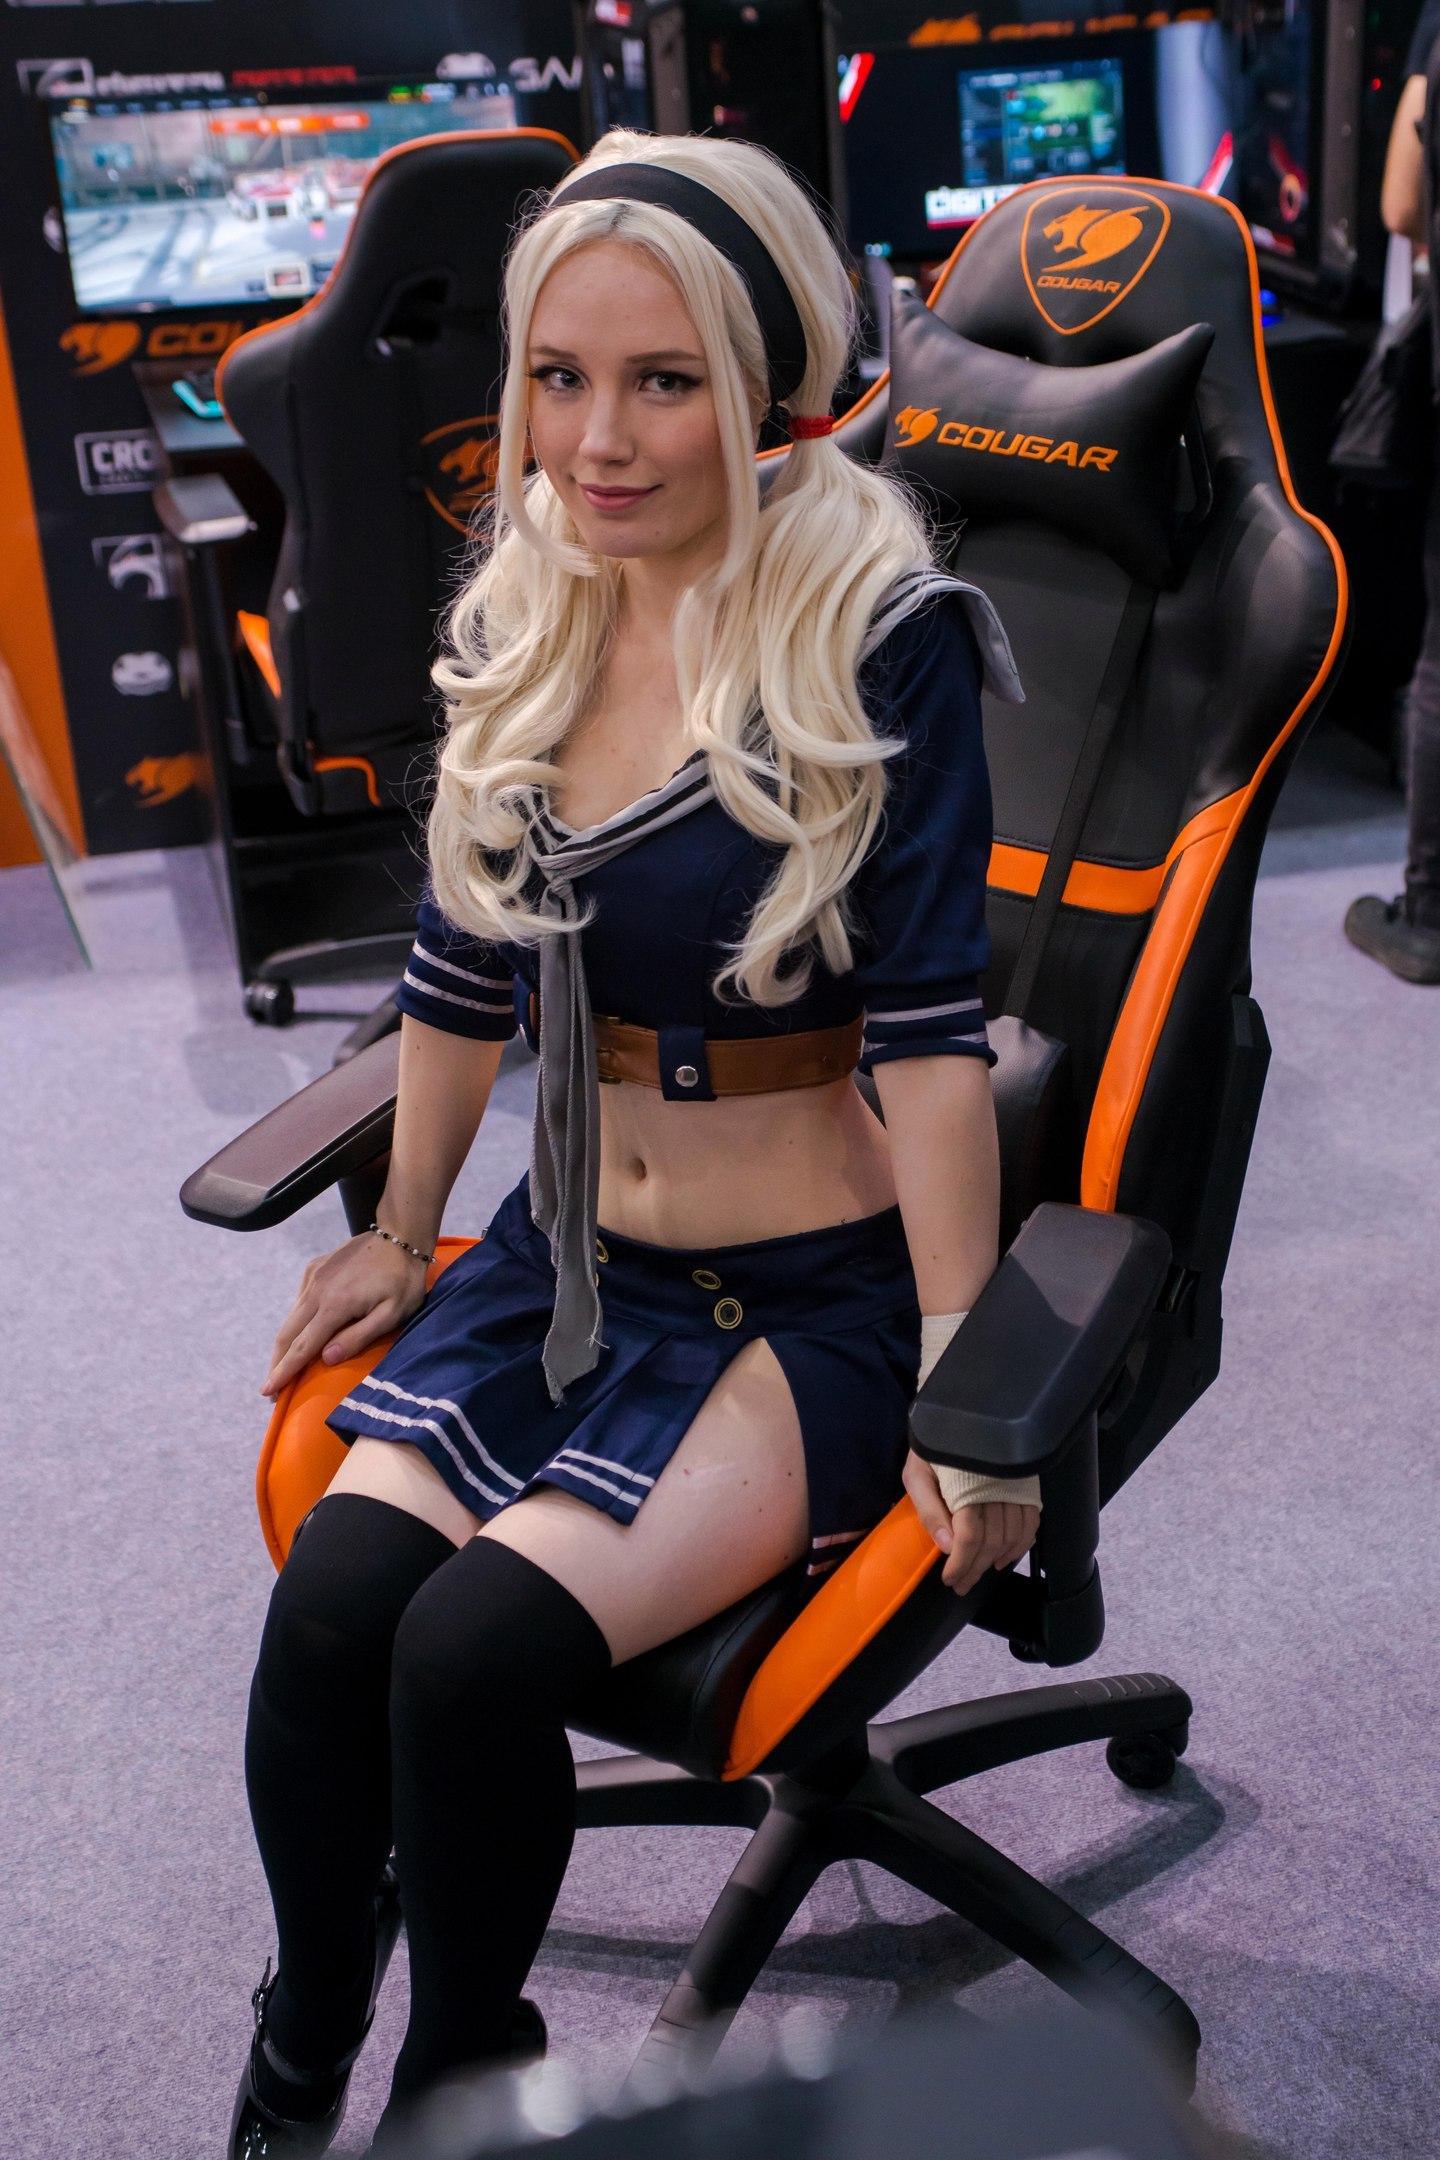 Cosplays Fra Rusland Comic Con er utroligt sexet-3516